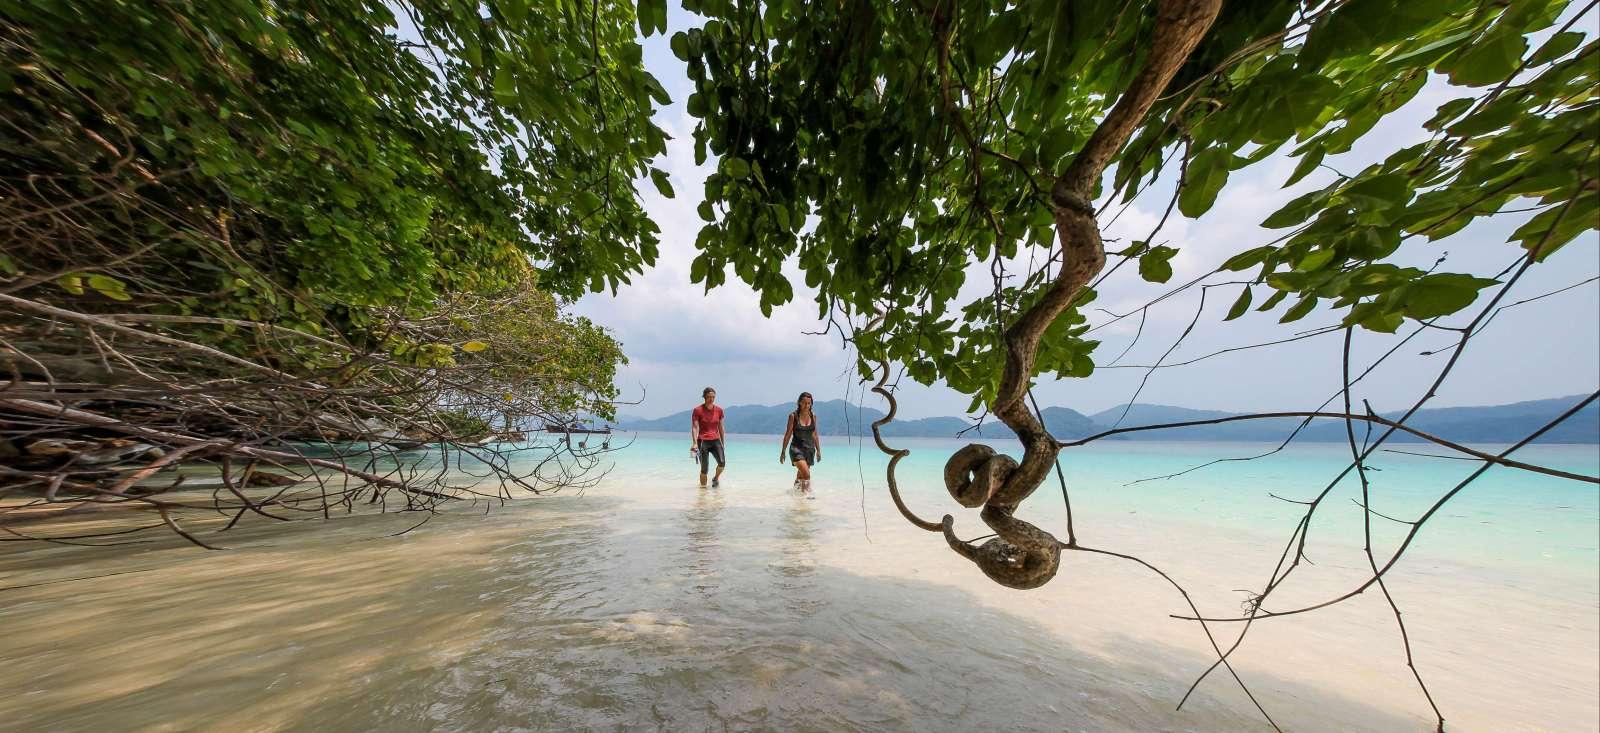 Voyage à thème : Seul au monde, dans l\'archipel de Palawan